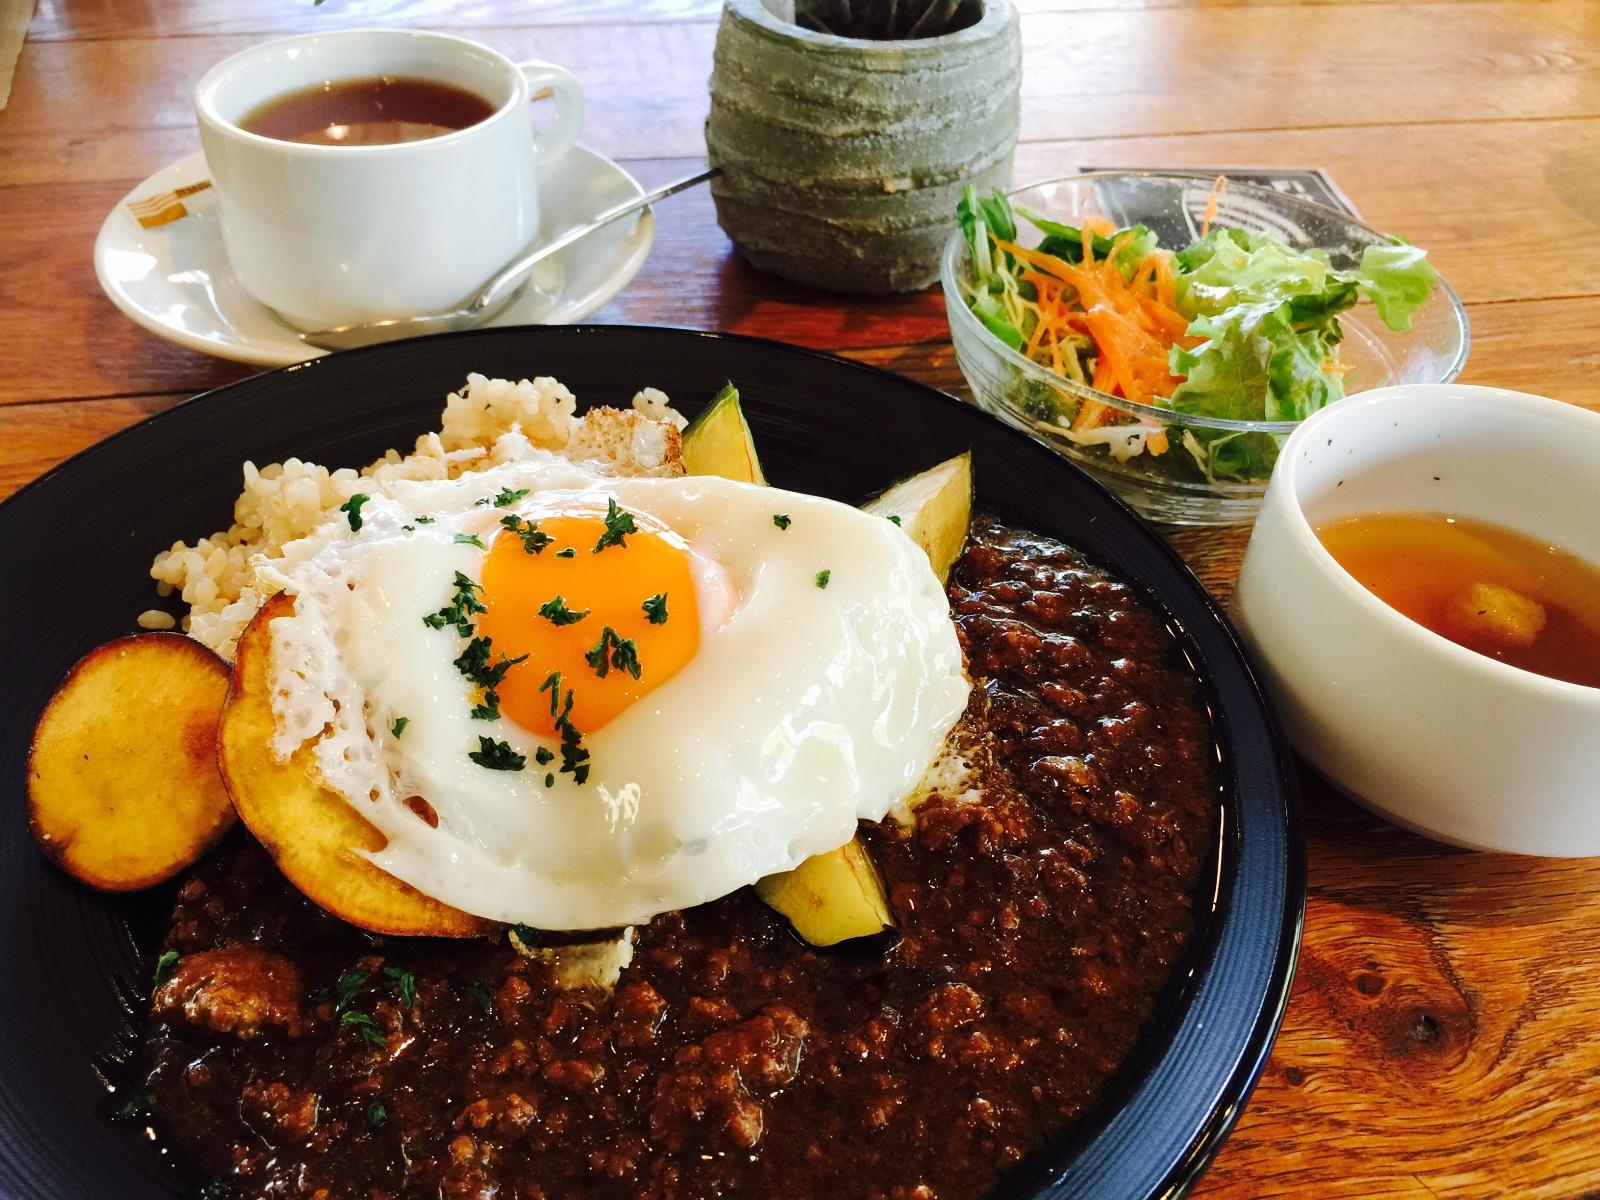 CAFE HAUS 6 豊洲グルメ 豊洲マガジン